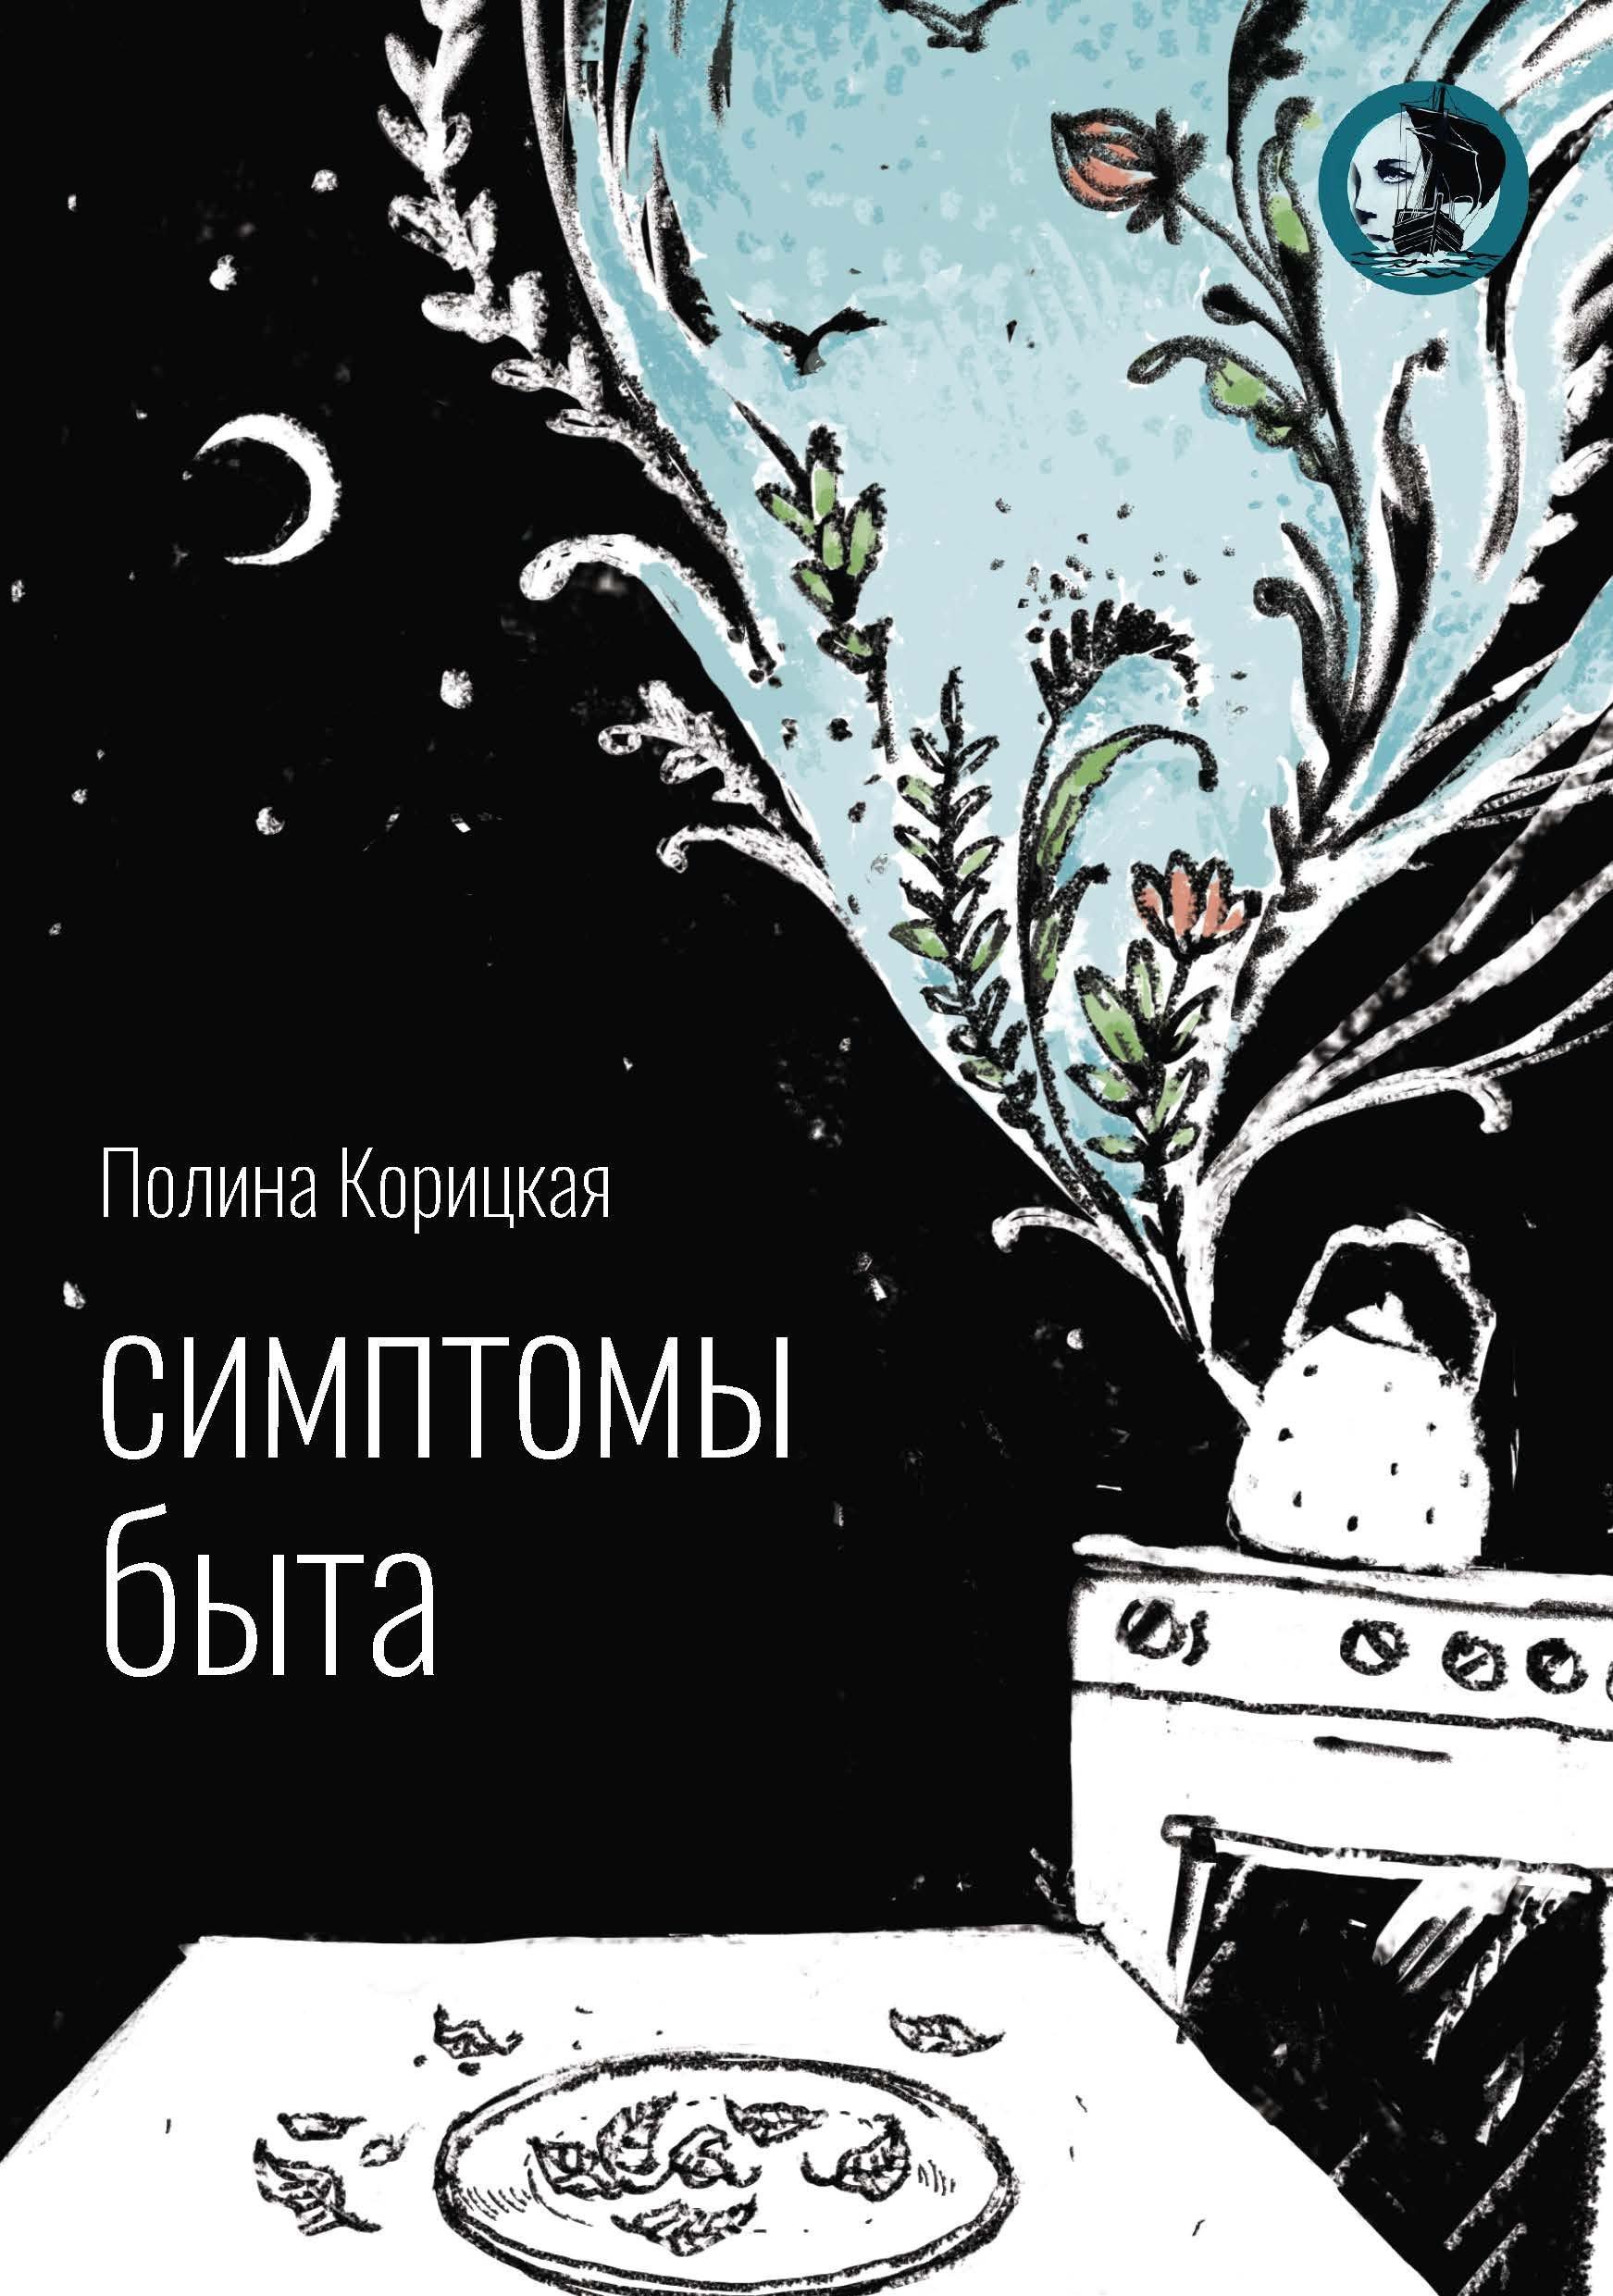 Корицкая П. Симптомы быта: стихи